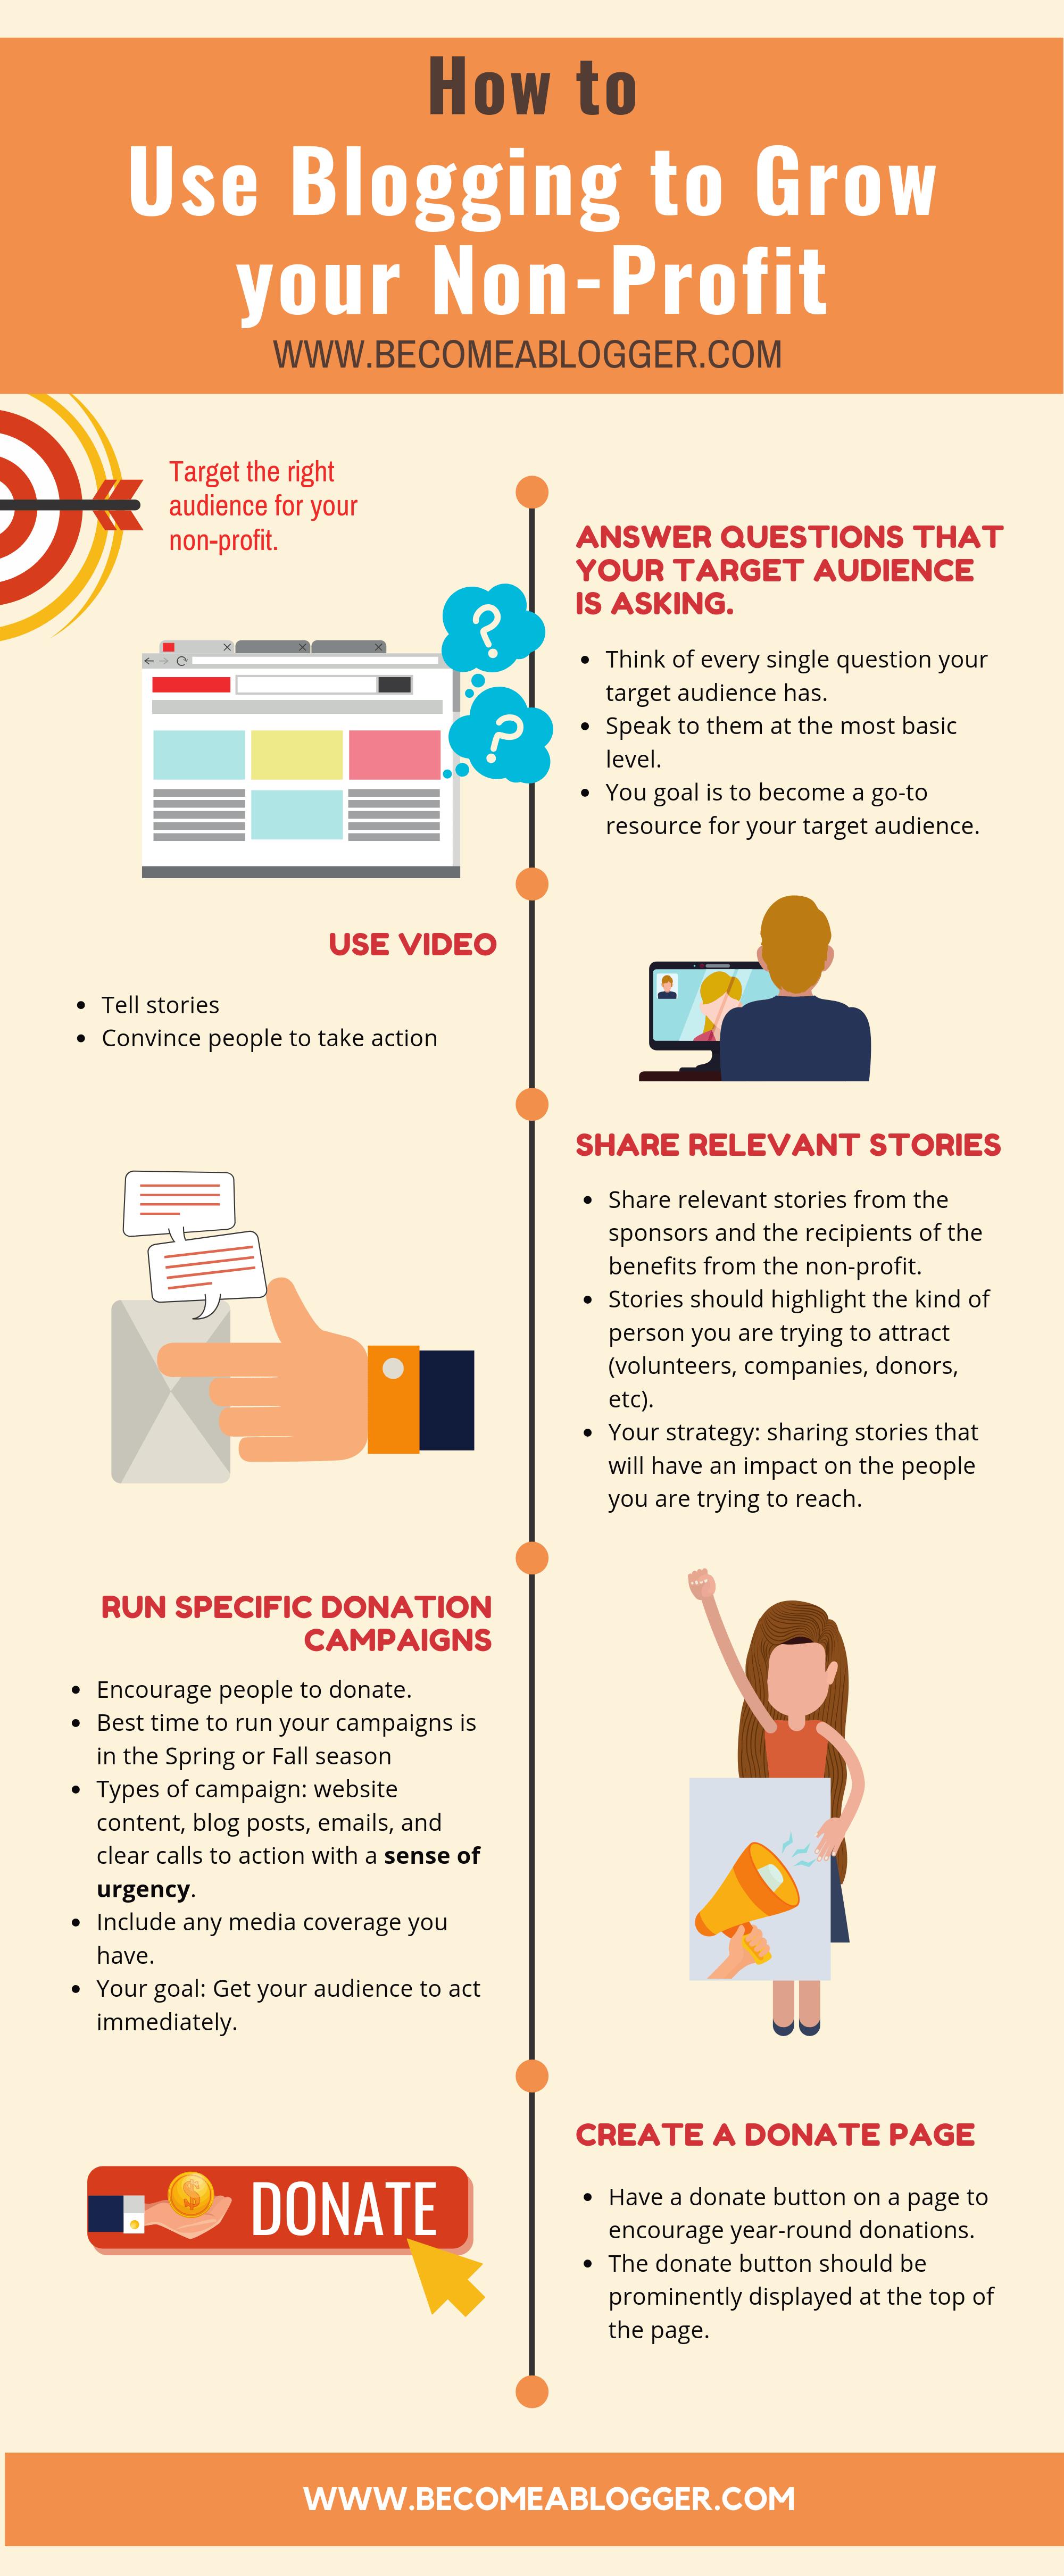 blog to grow non-profit